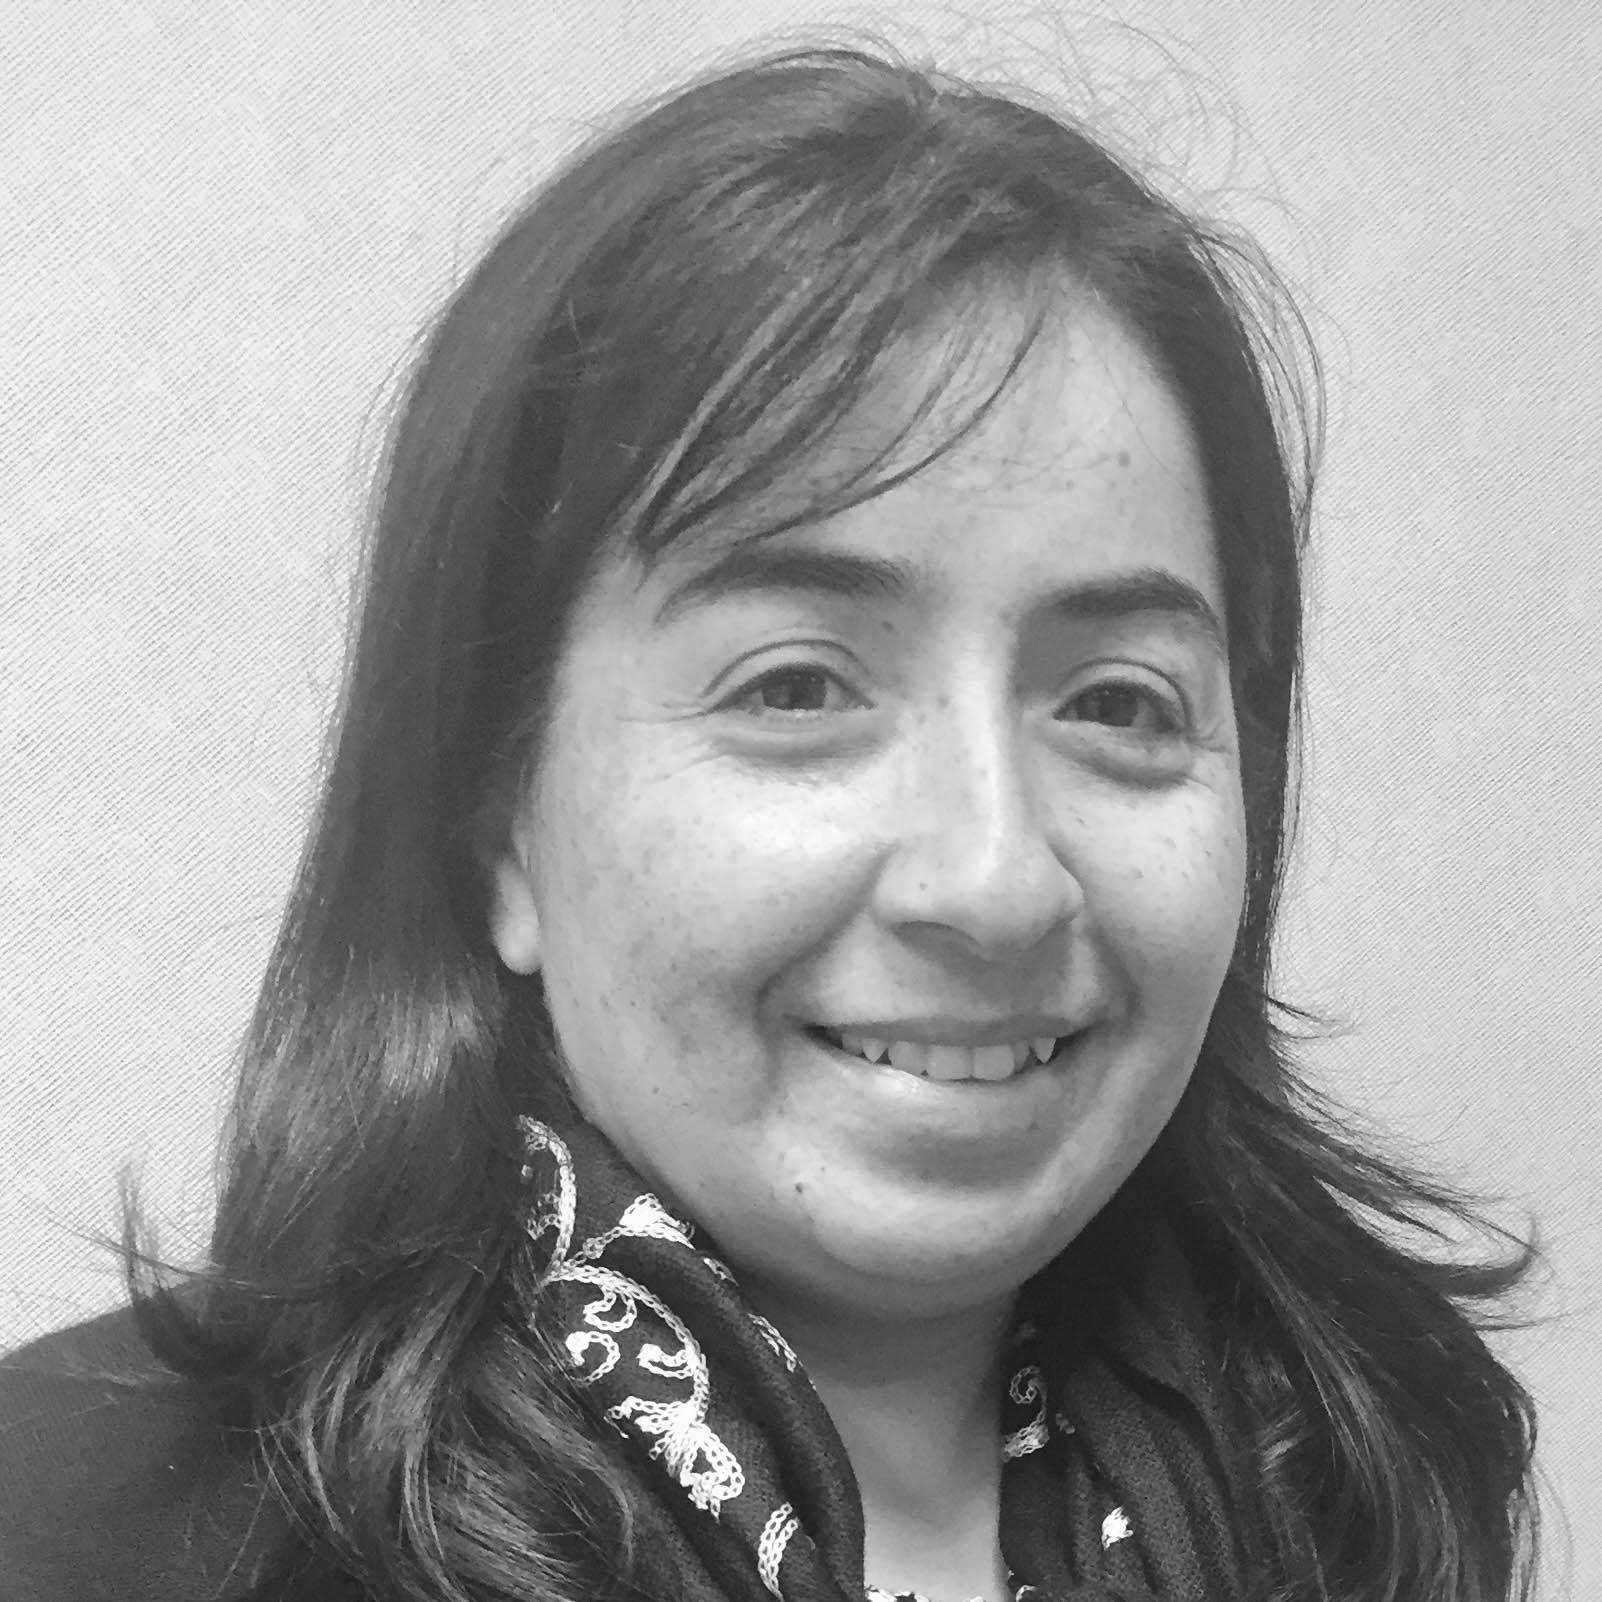 María FRANCISCA HIDALGO